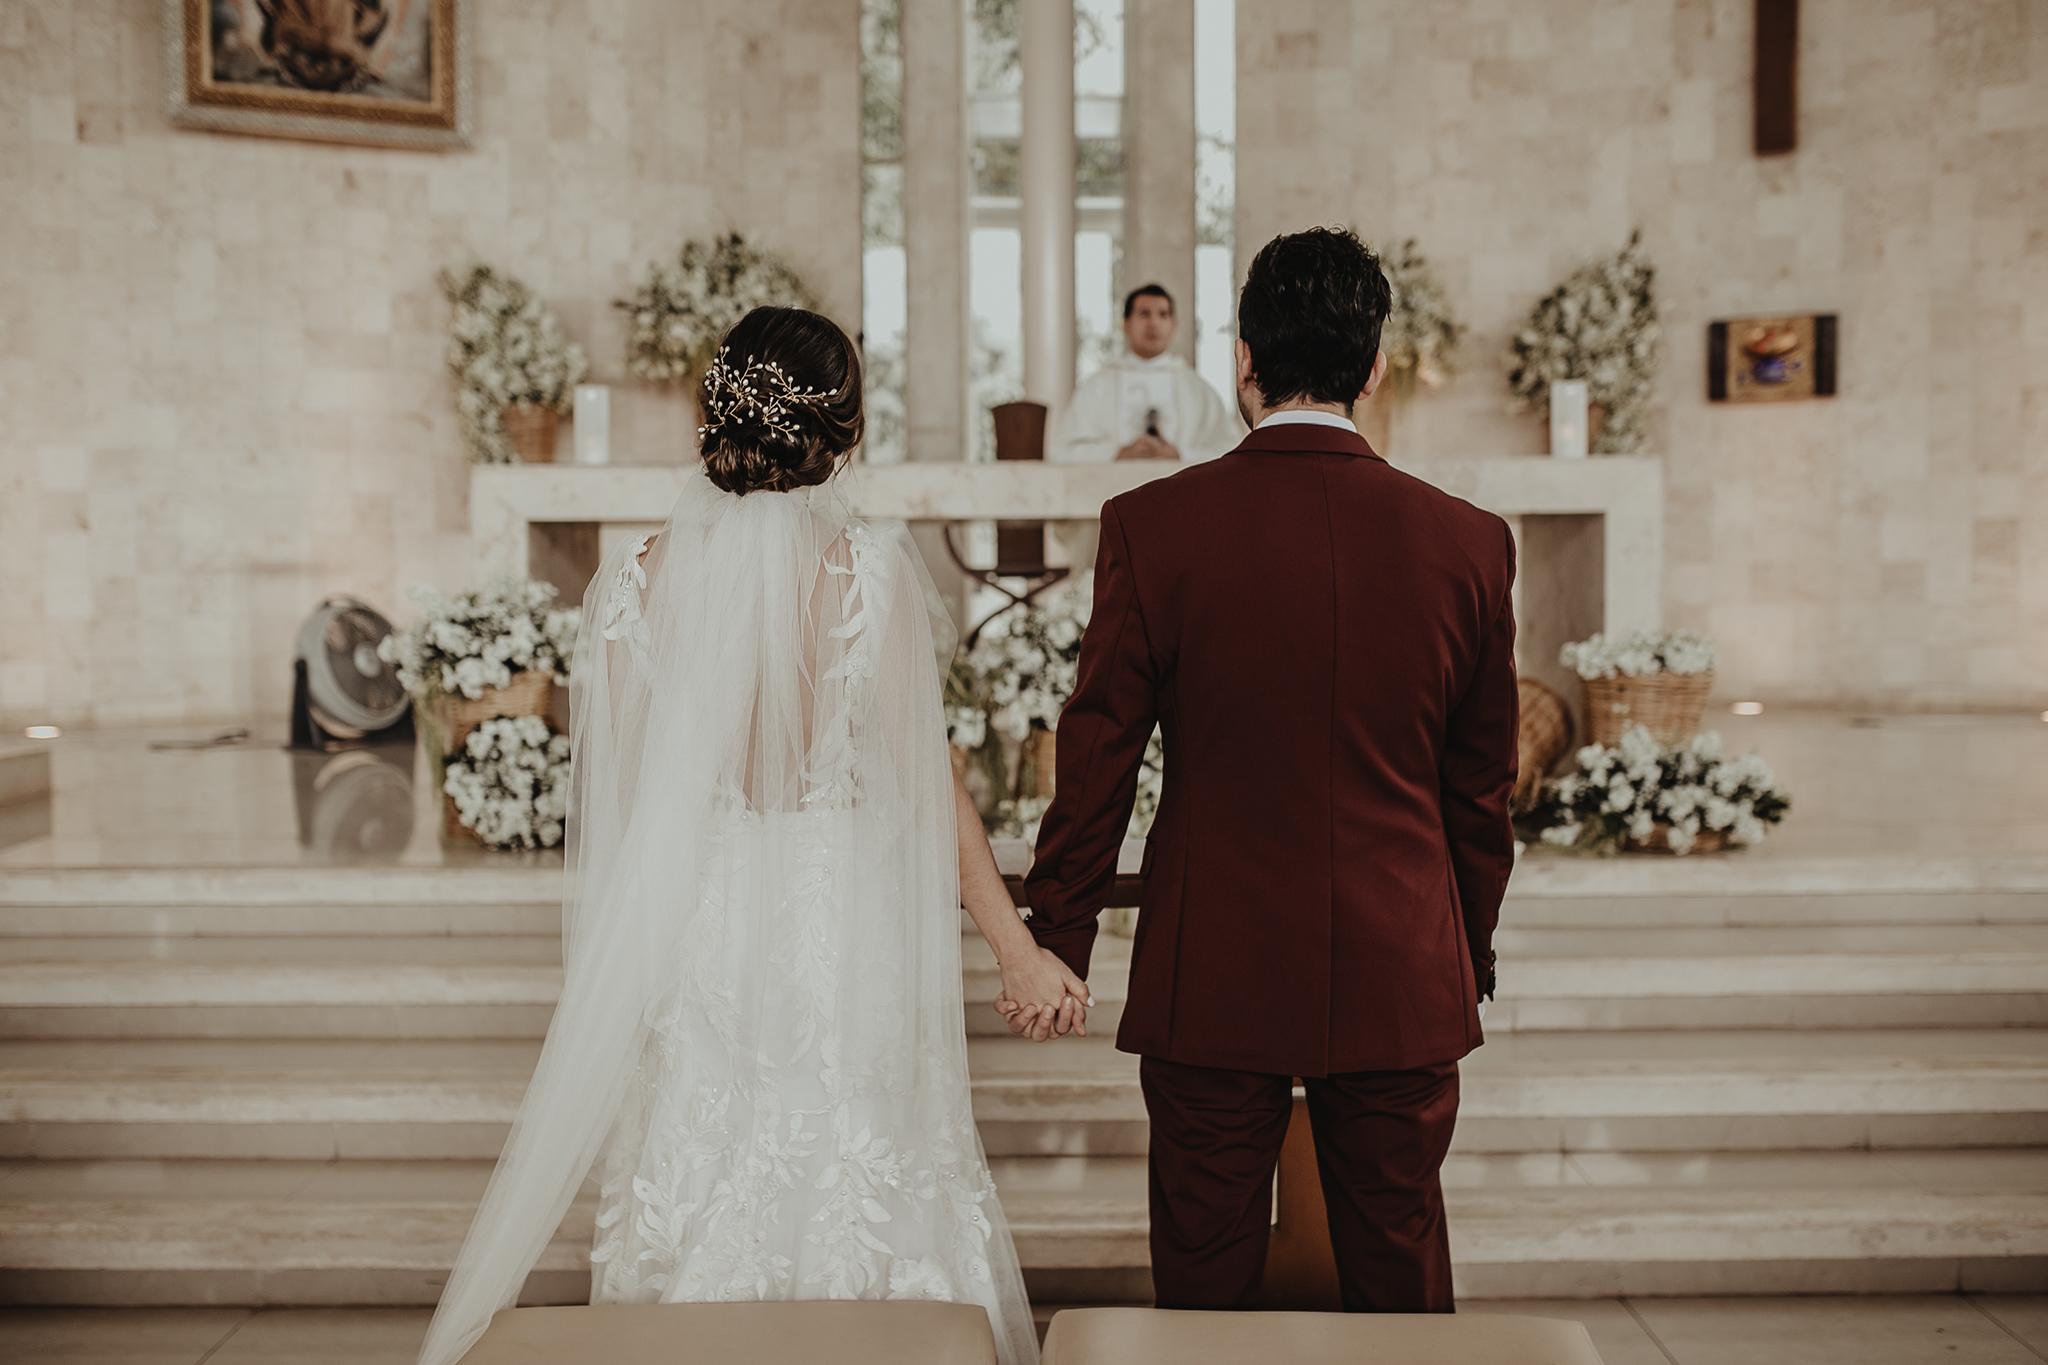 0124p&a_Hacienda__WeddingDestination_Weddingmerida_BodaMexico_FotografoDeBodas_WeddingGay.jpg